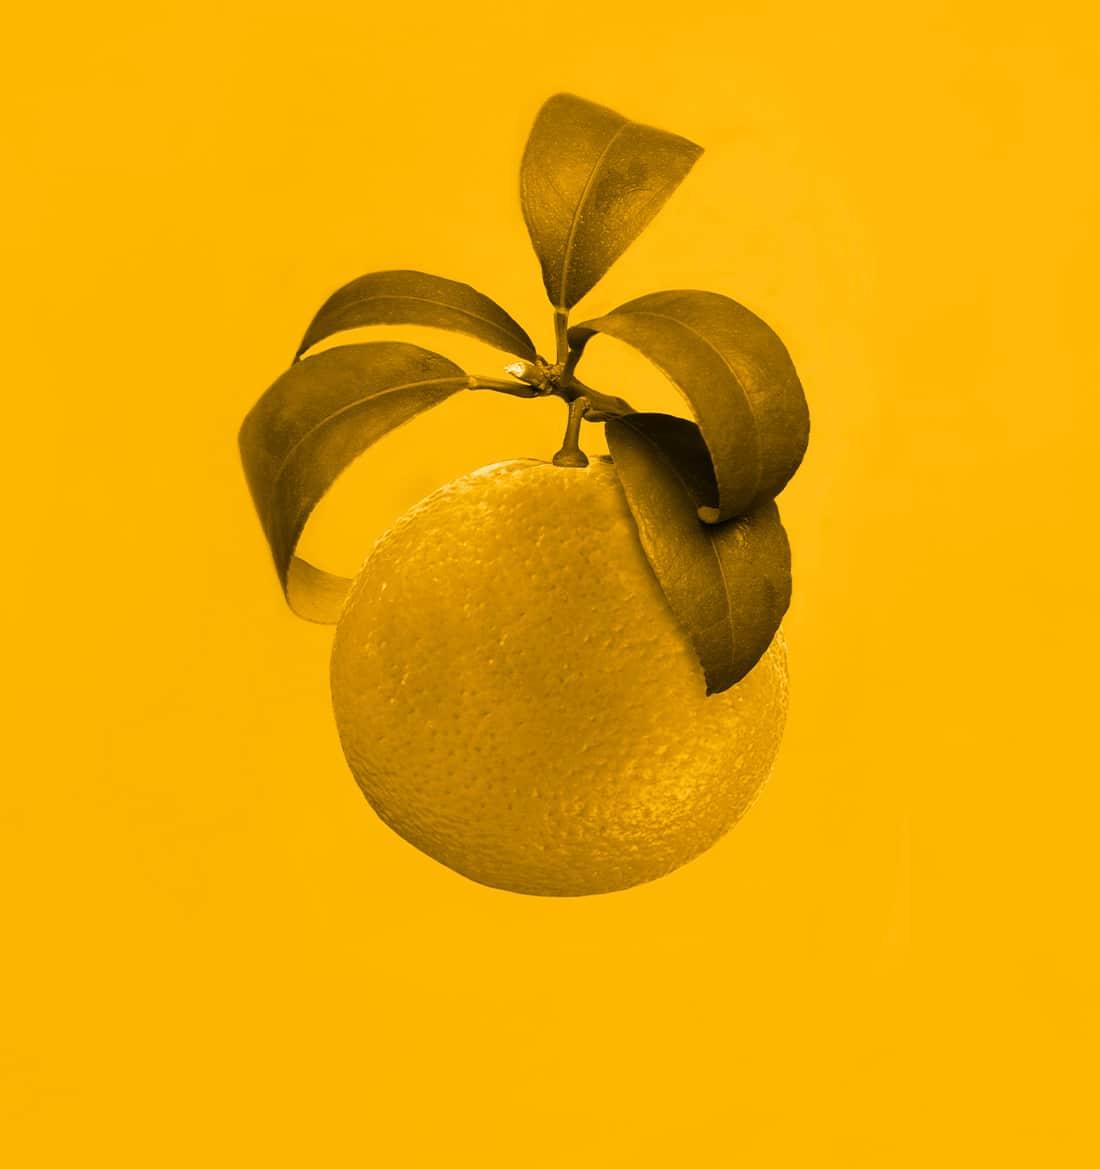 clementine-7-2